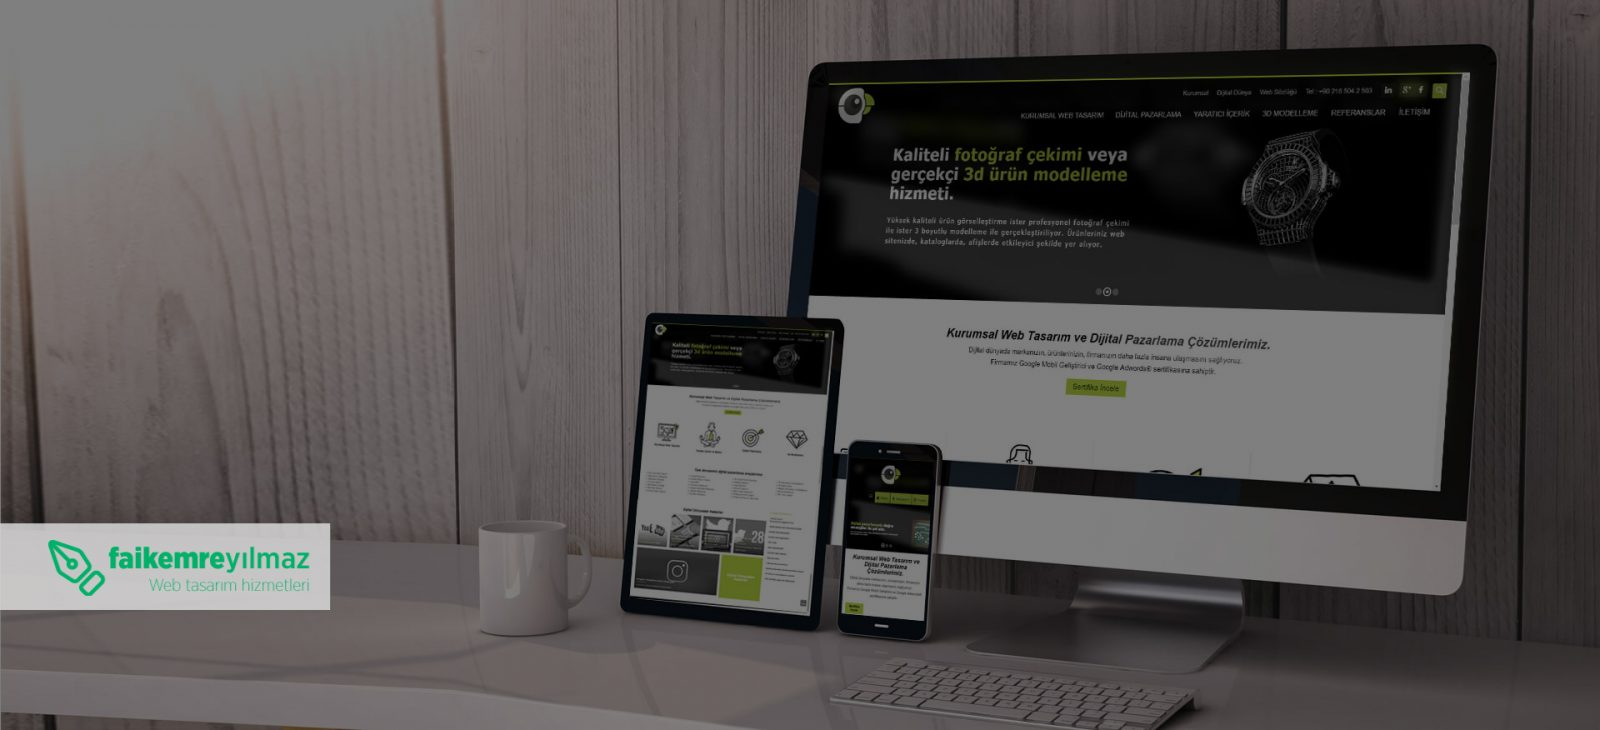 slider3-osmaniye-web-tasarim-faikemreyilmazcomtr